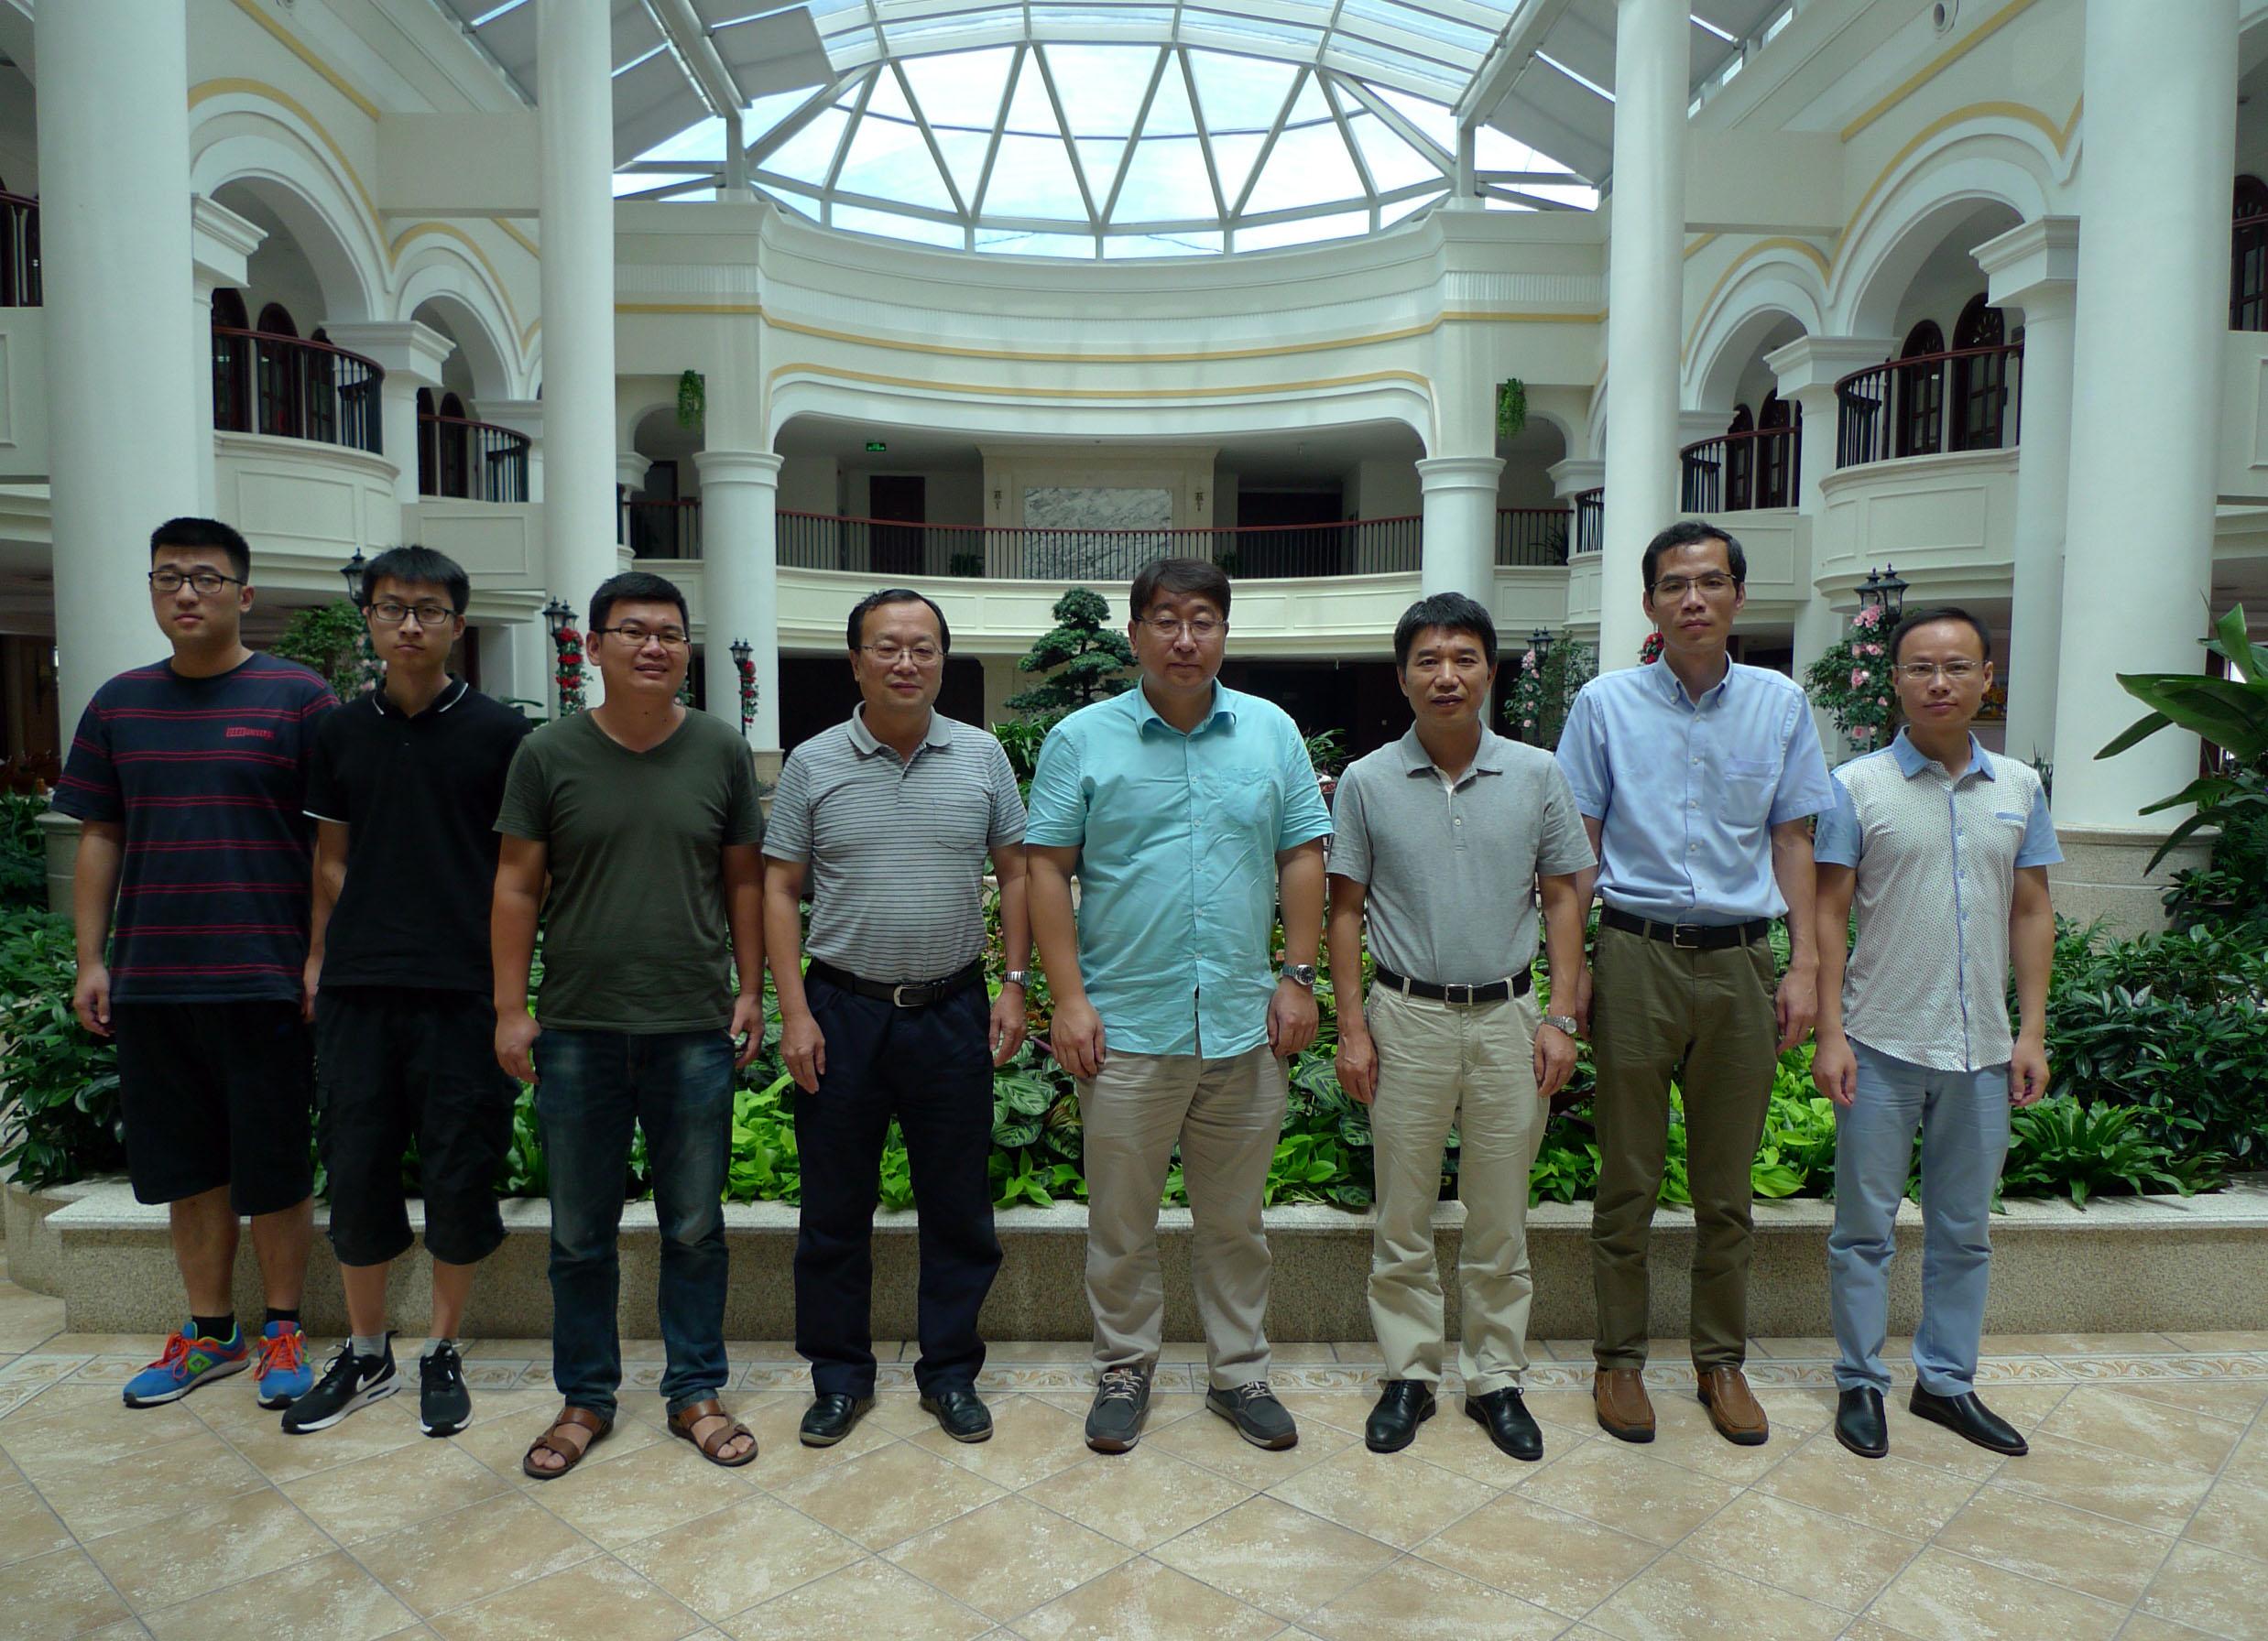 上海市工具工业研究所一行访问杭州巨星科技股份有限公司